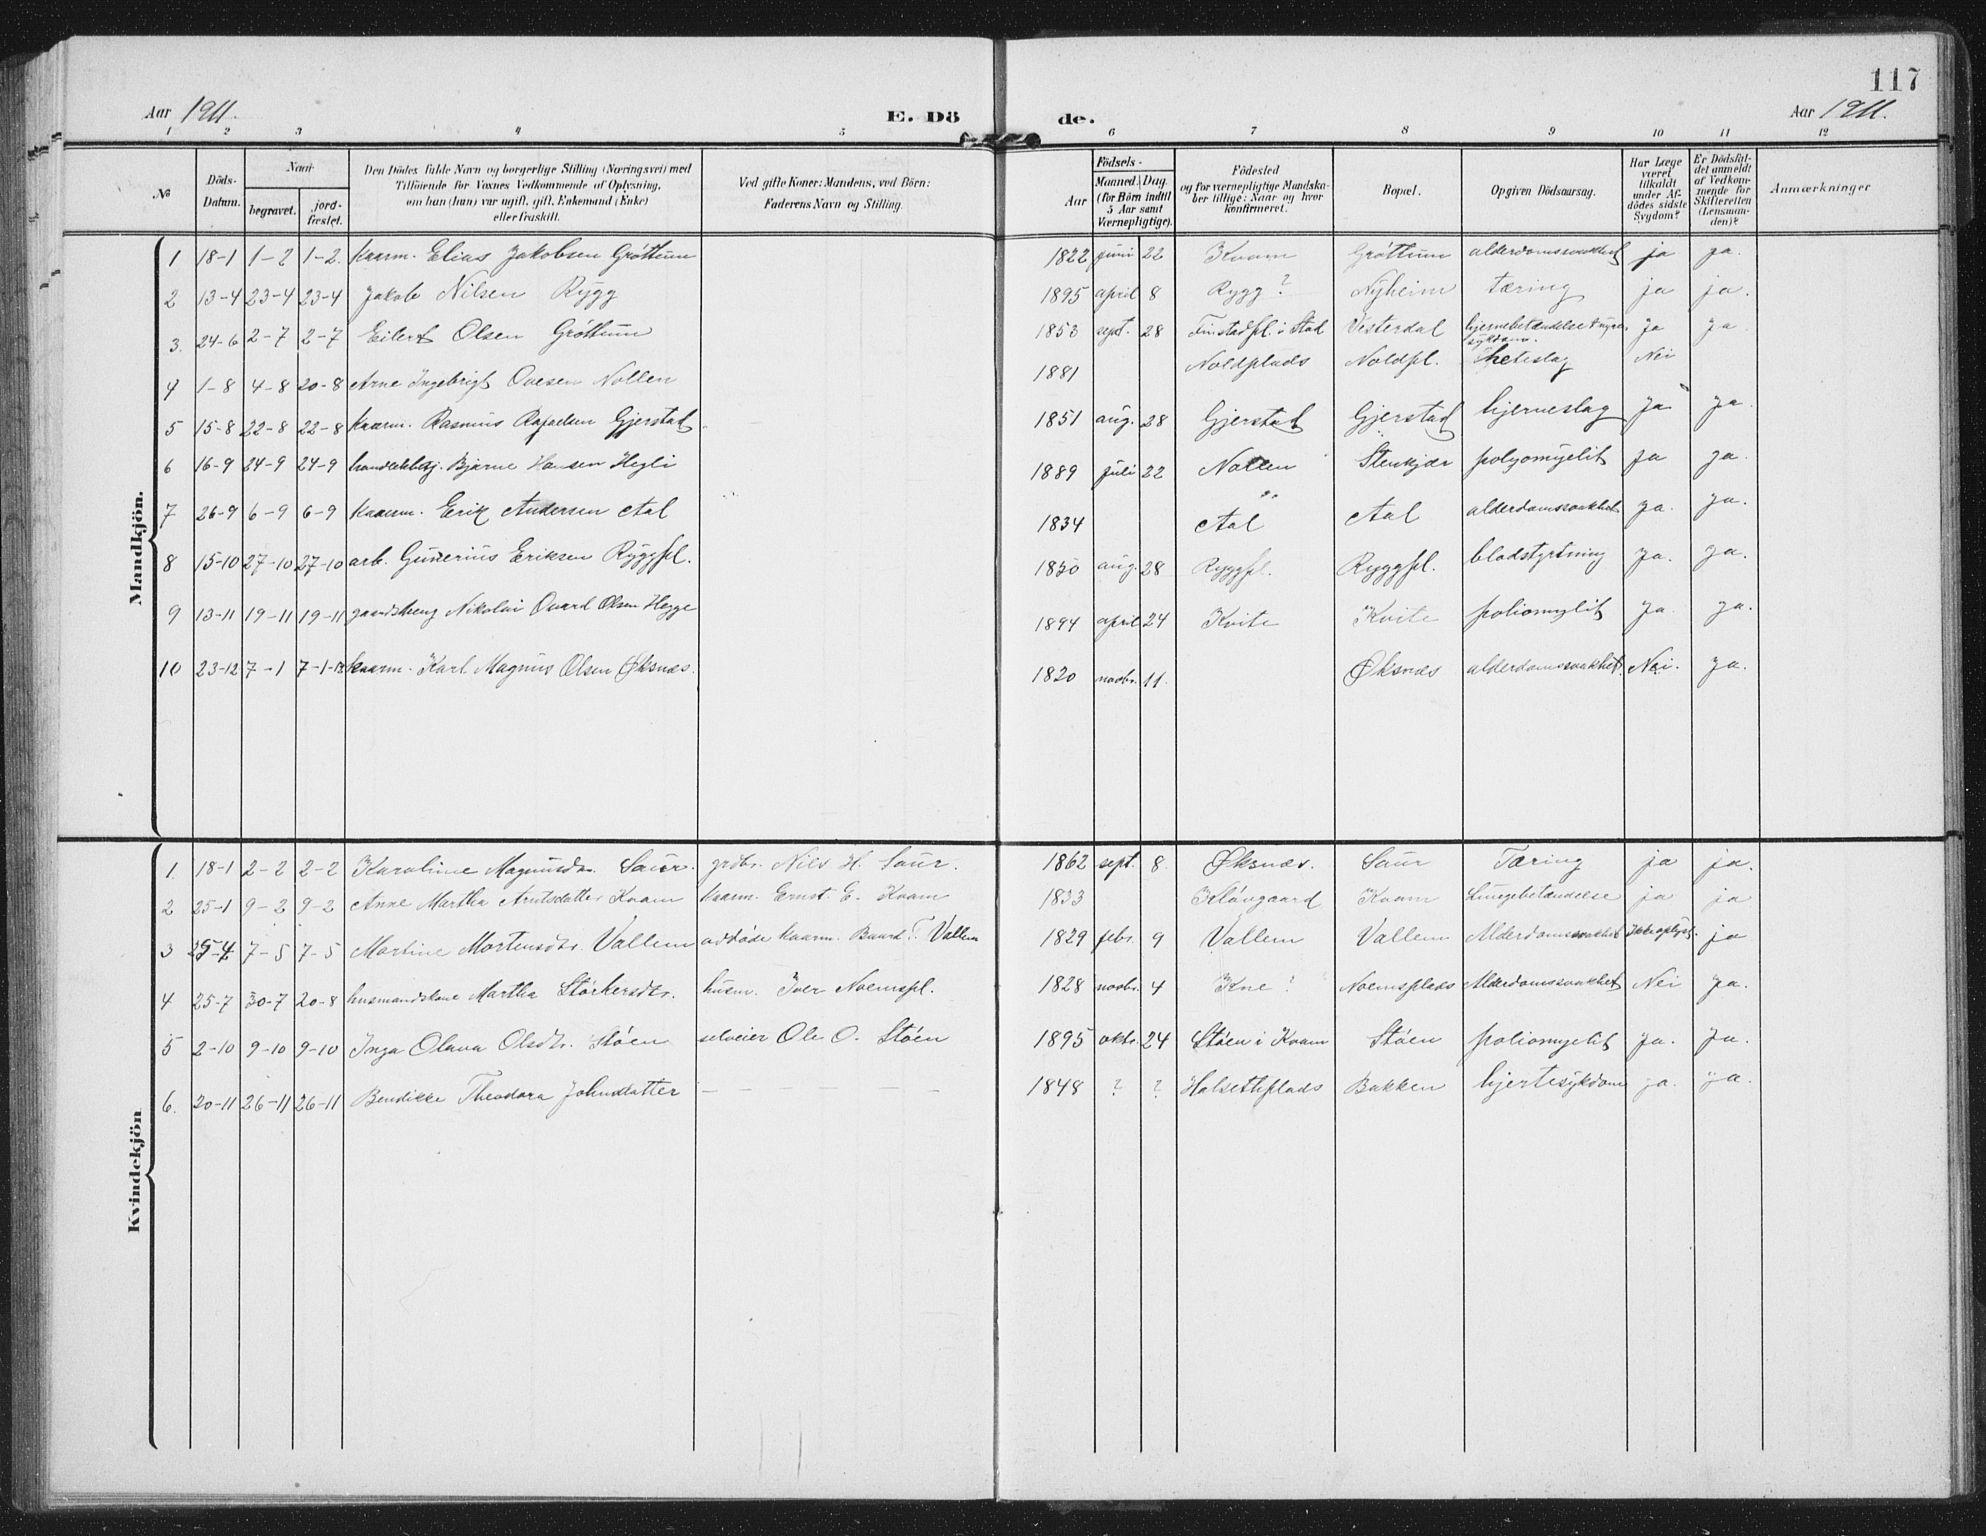 SAT, Ministerialprotokoller, klokkerbøker og fødselsregistre - Nord-Trøndelag, 747/L0460: Klokkerbok nr. 747C02, 1908-1939, s. 117